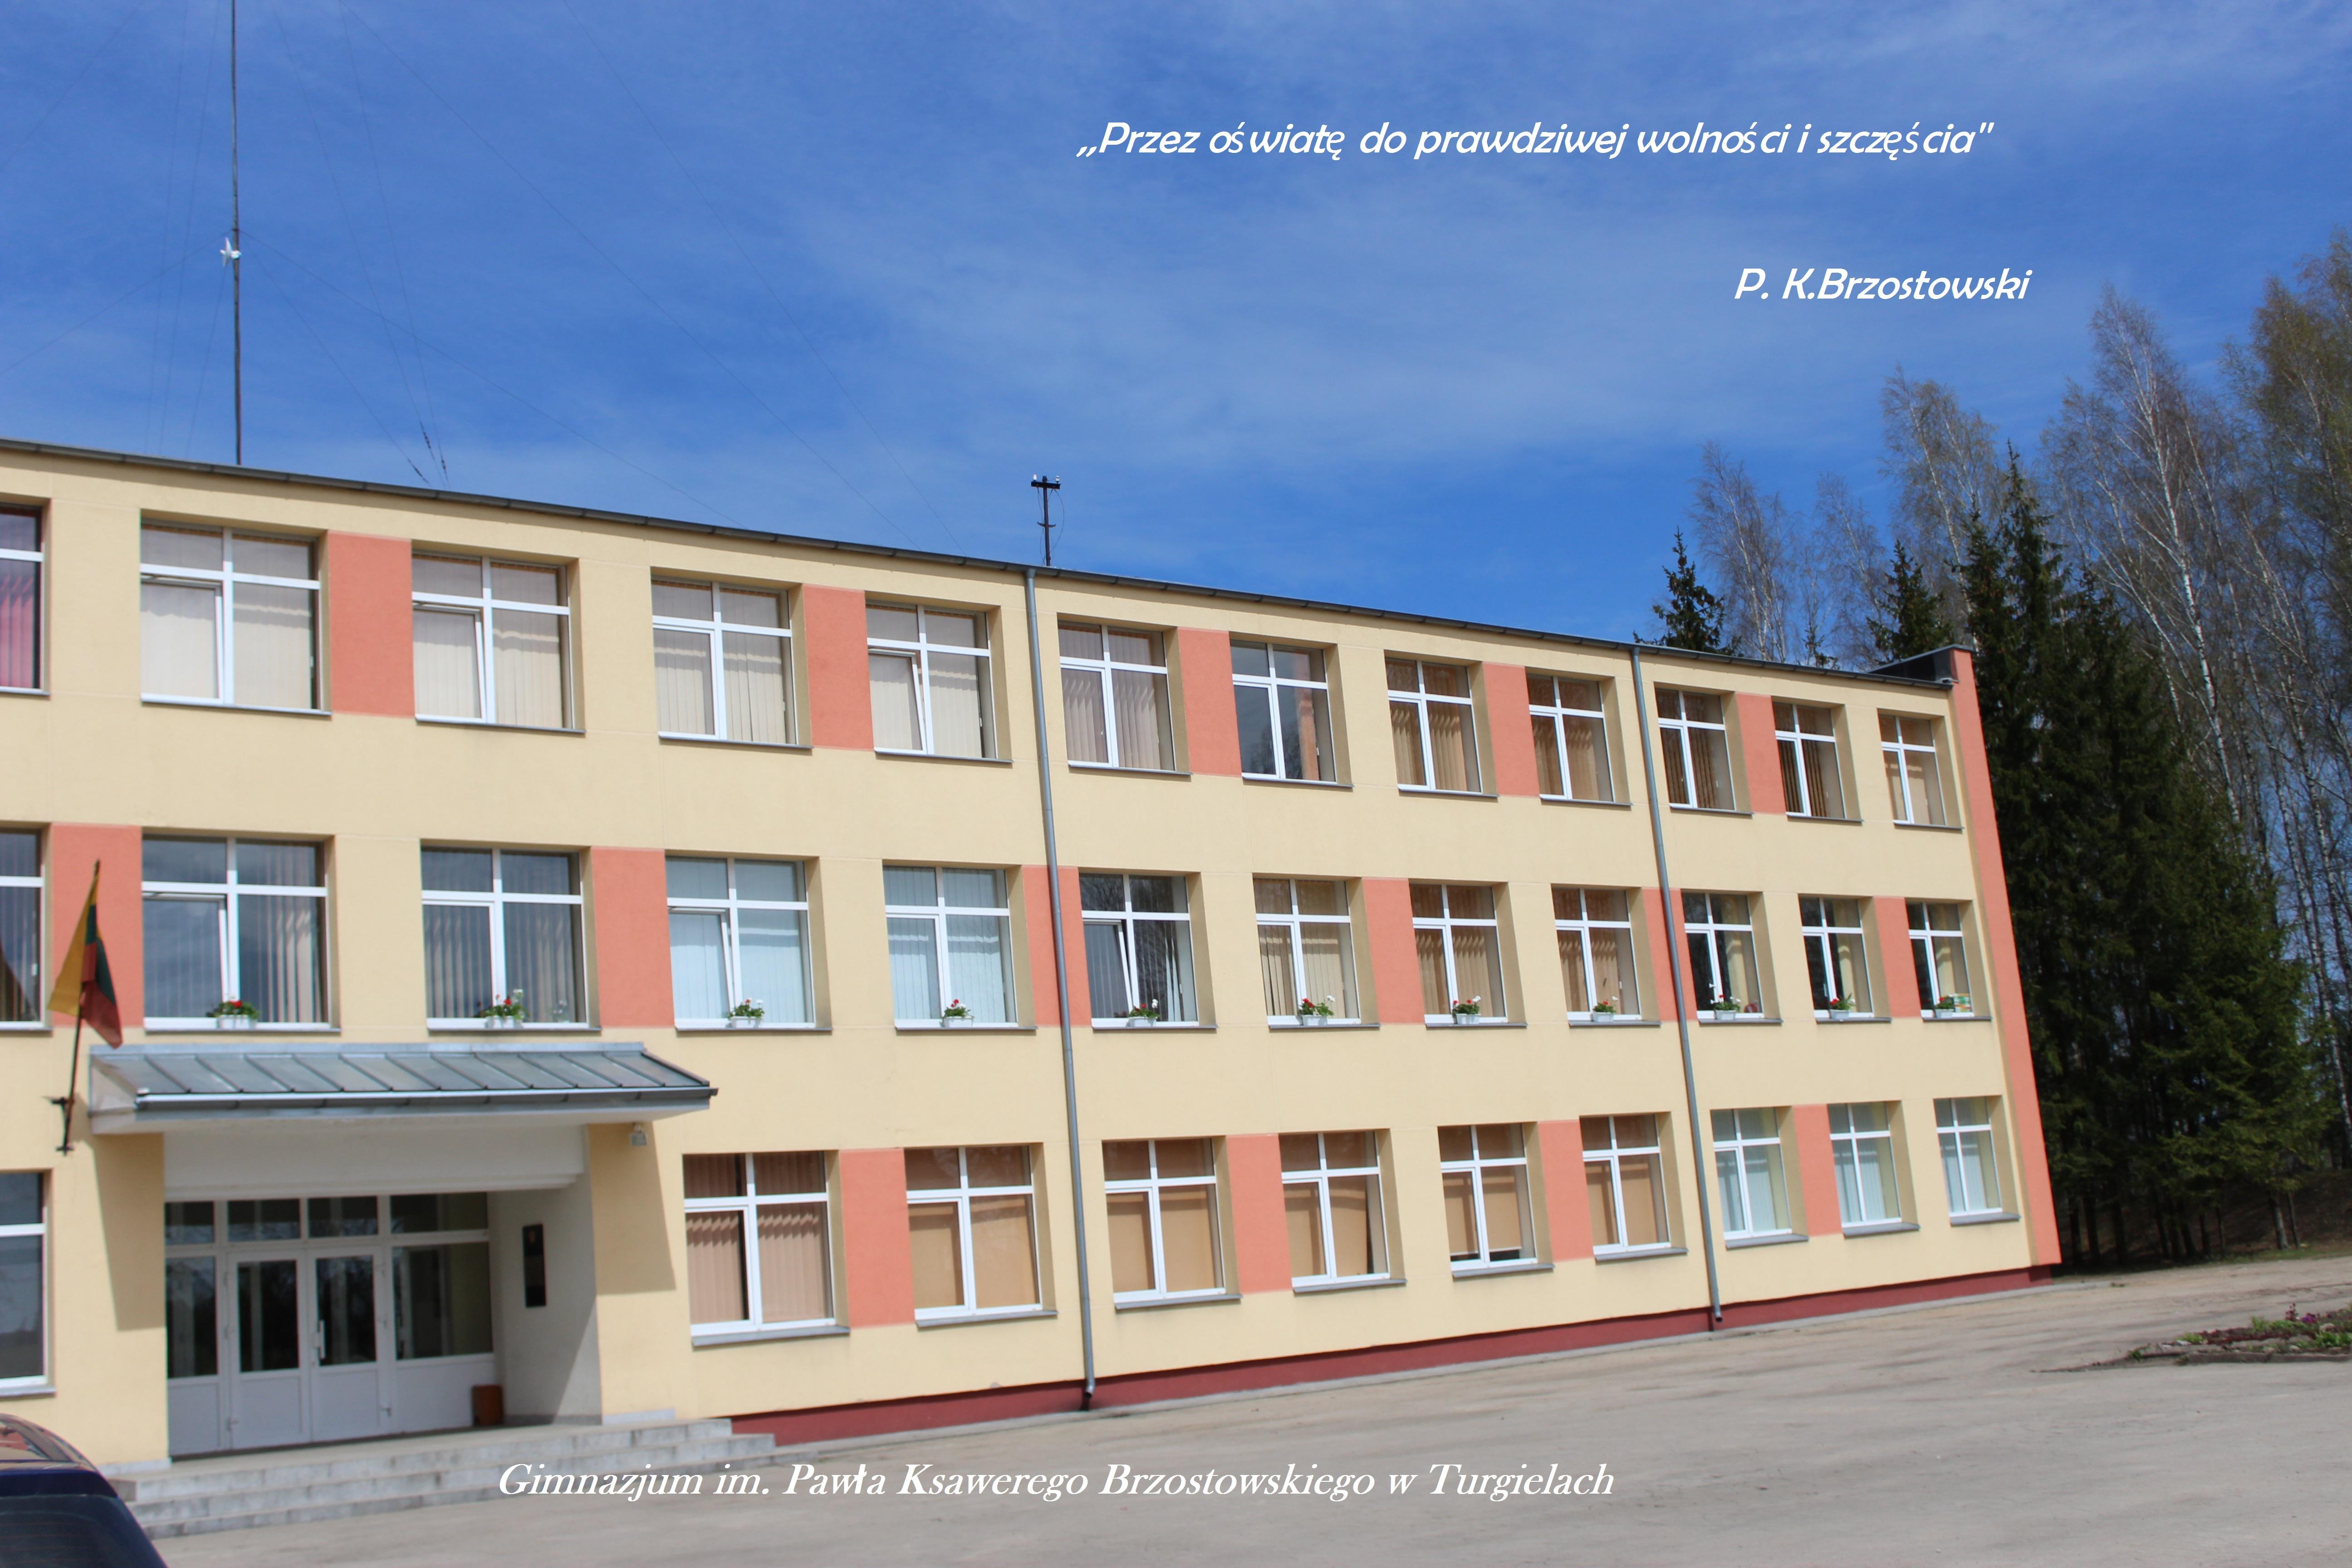 Gimnazjum imienia Pawła Ksawerego Brzostowskiego w Turgielach